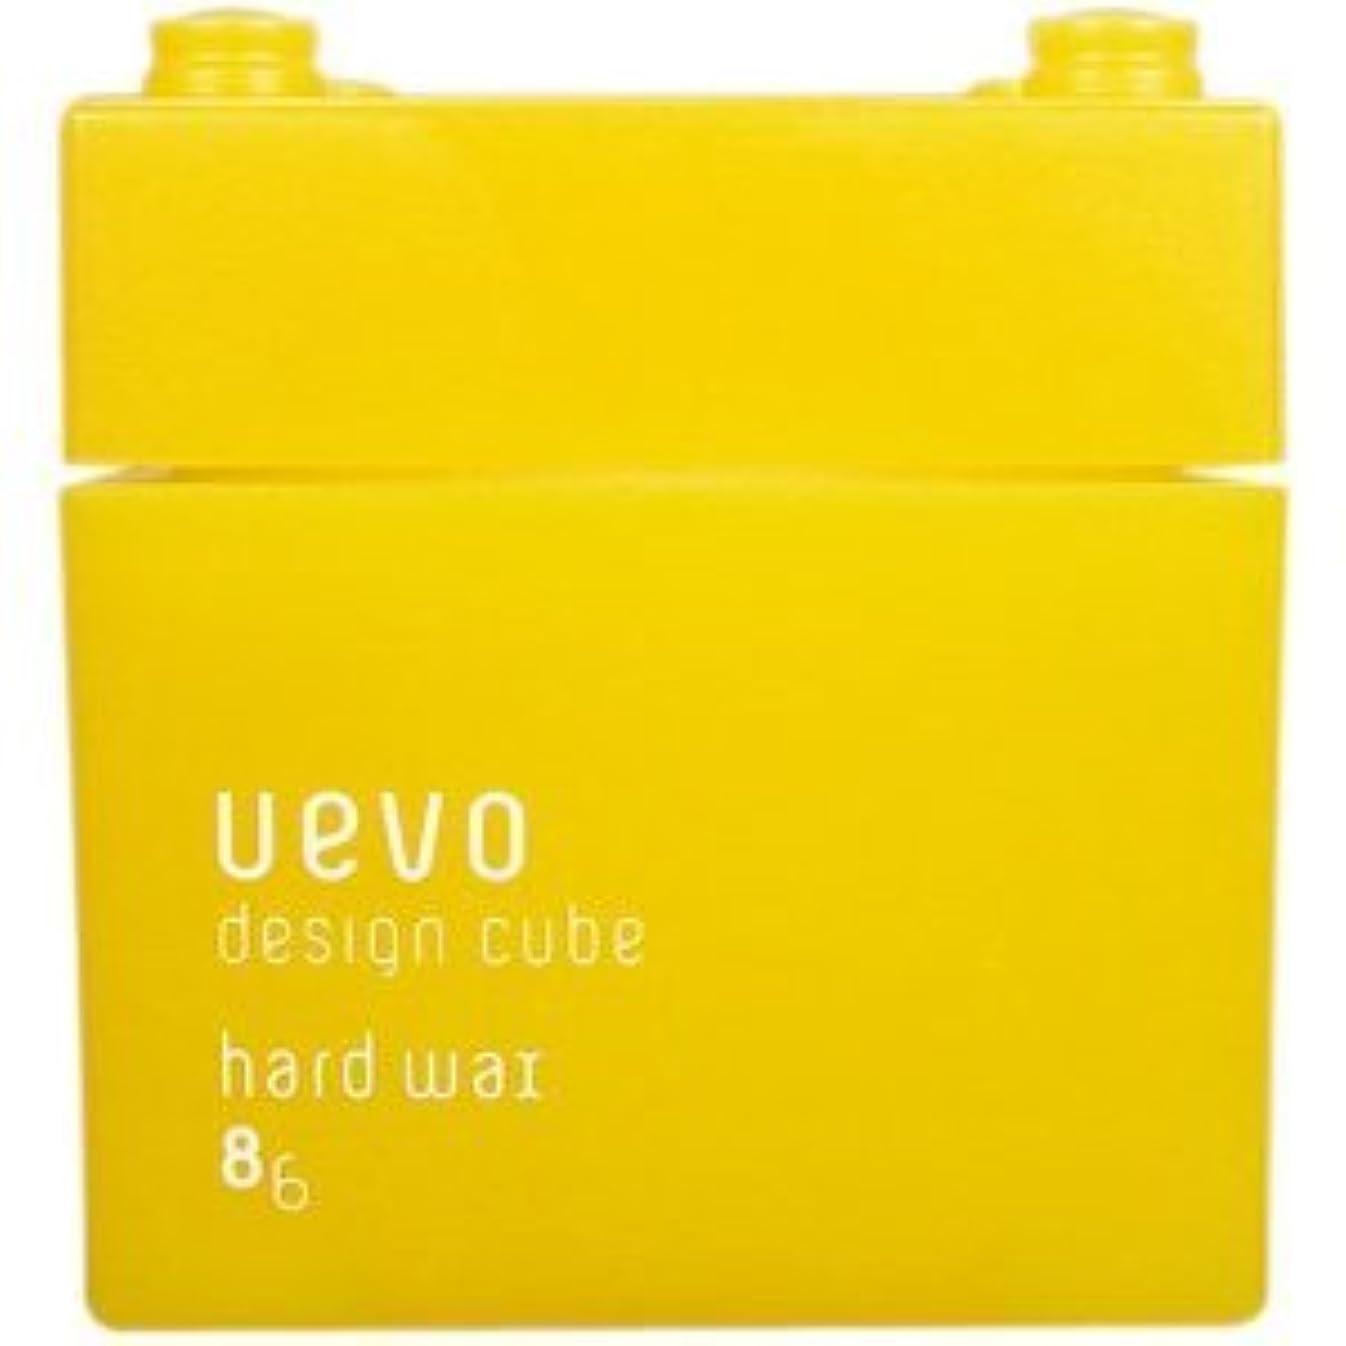 障害者見落とす過言【X3個セット】 デミ ウェーボ デザインキューブ ハードワックス 80g hard wax DEMI uevo design cube